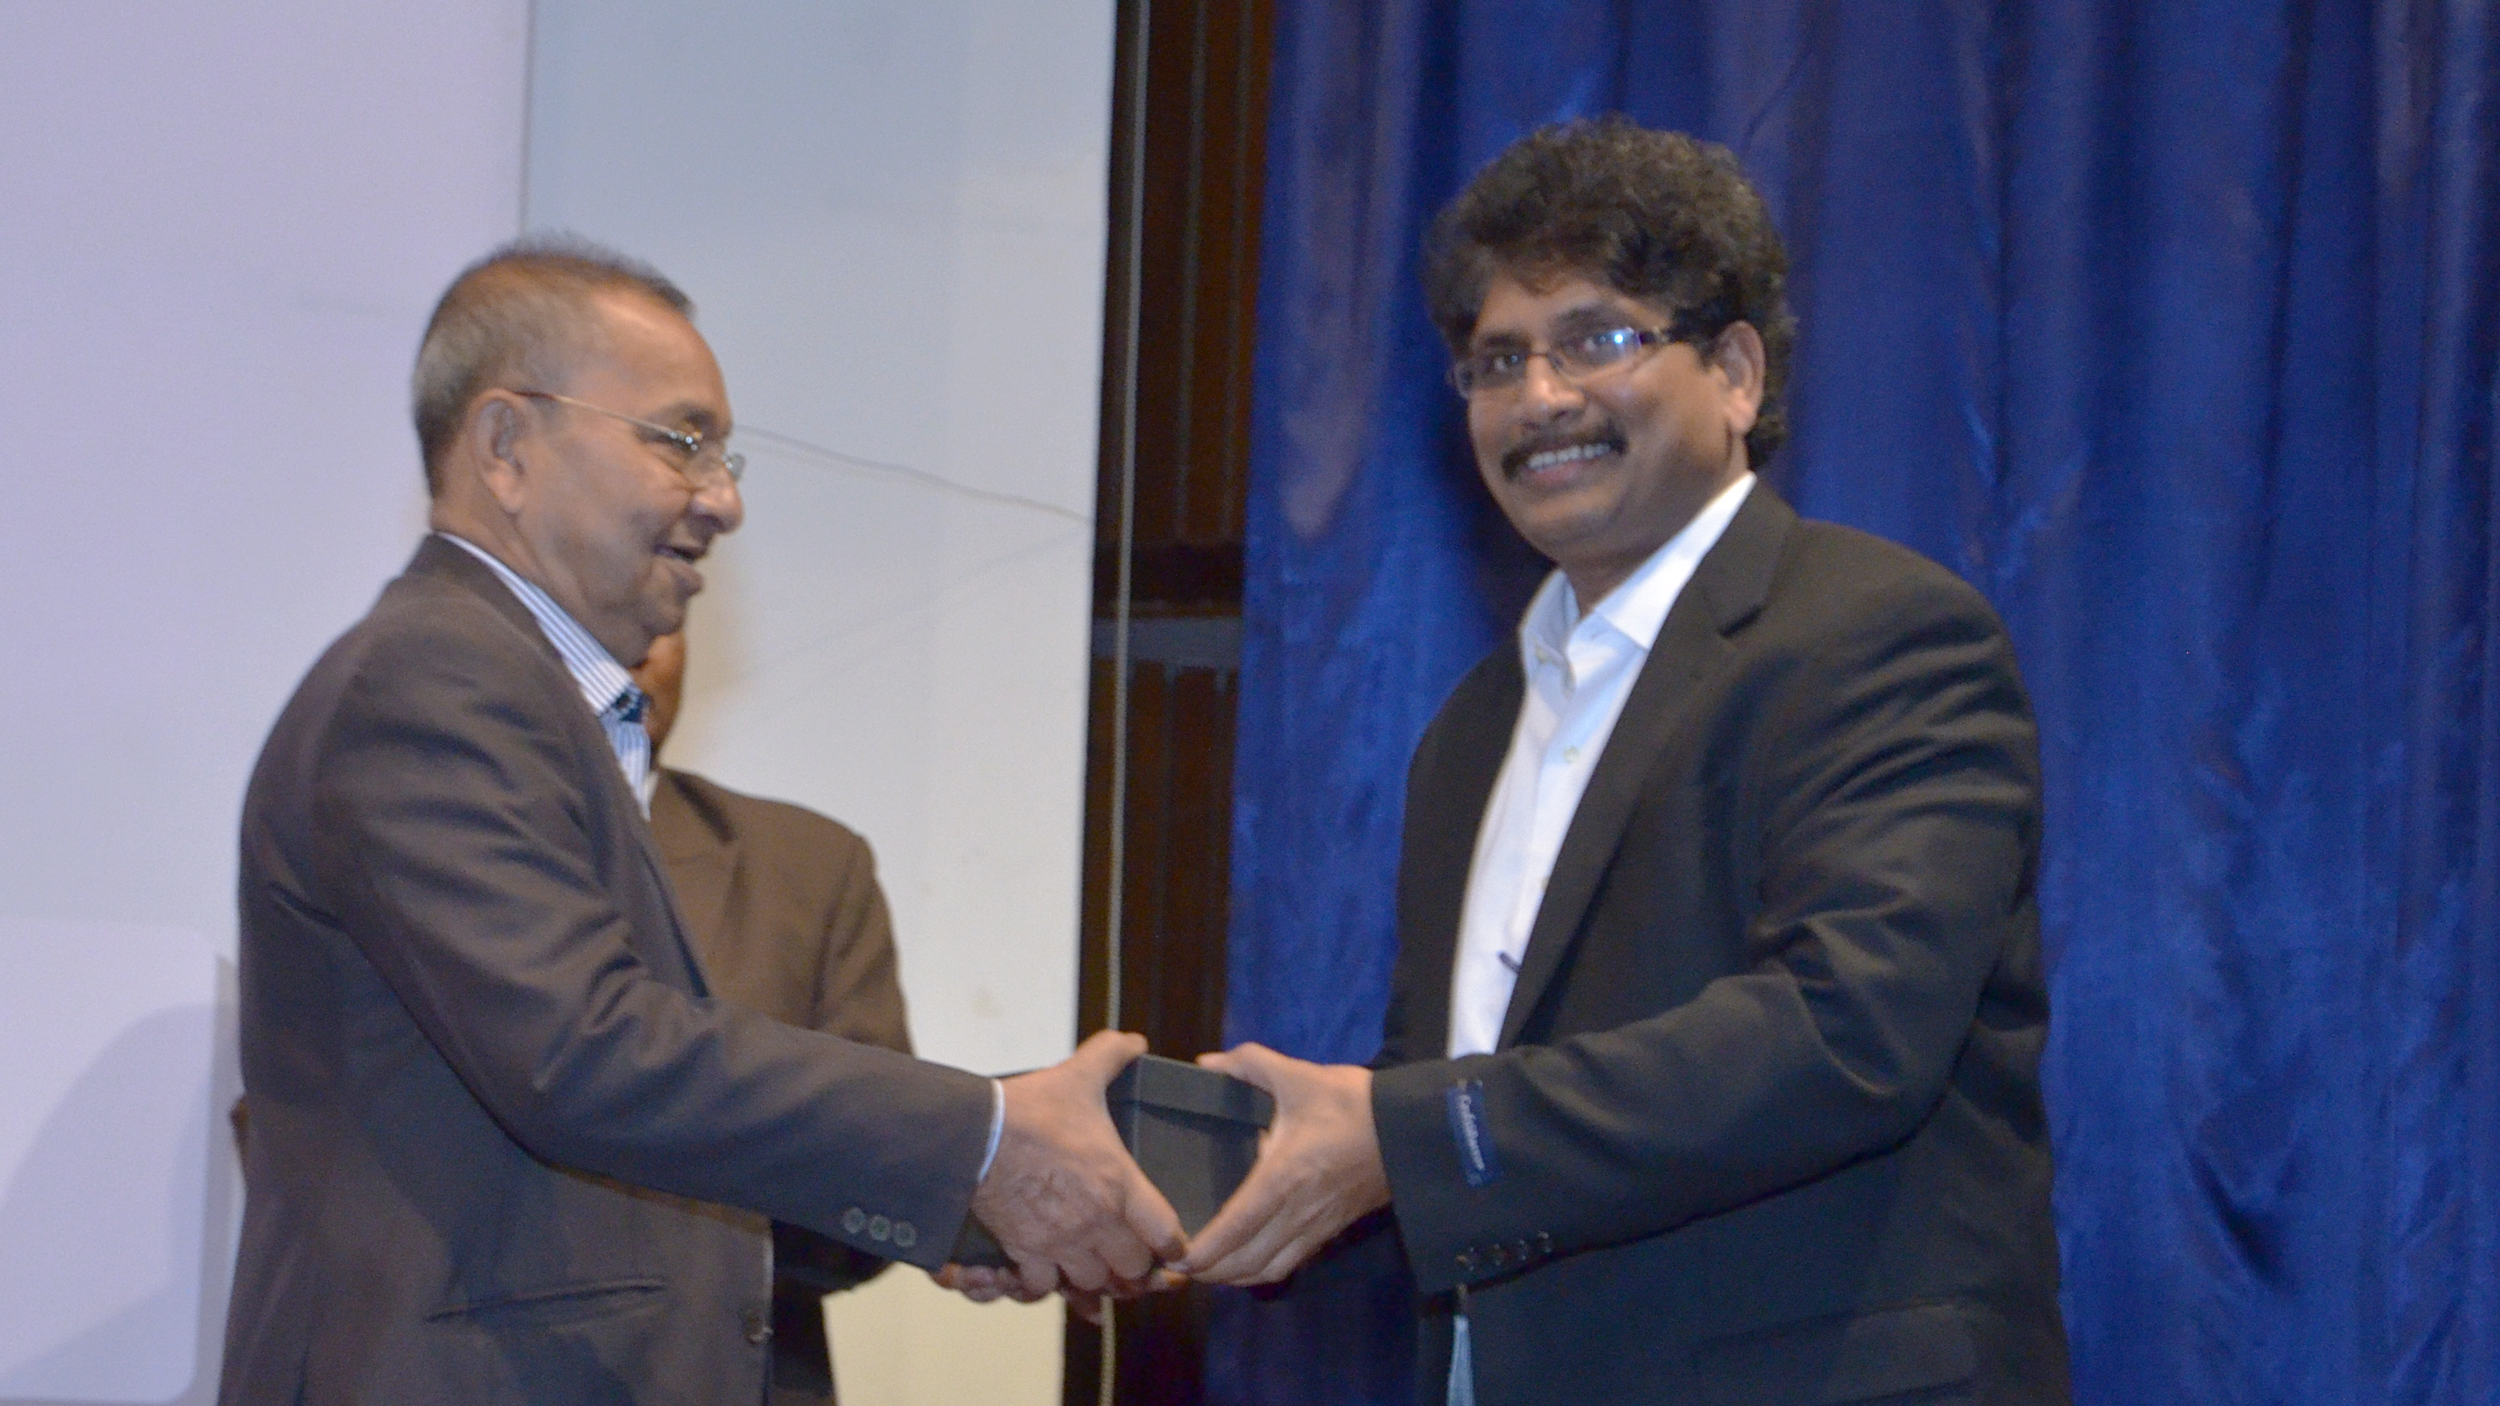 At ICROE 2017, Mumbai